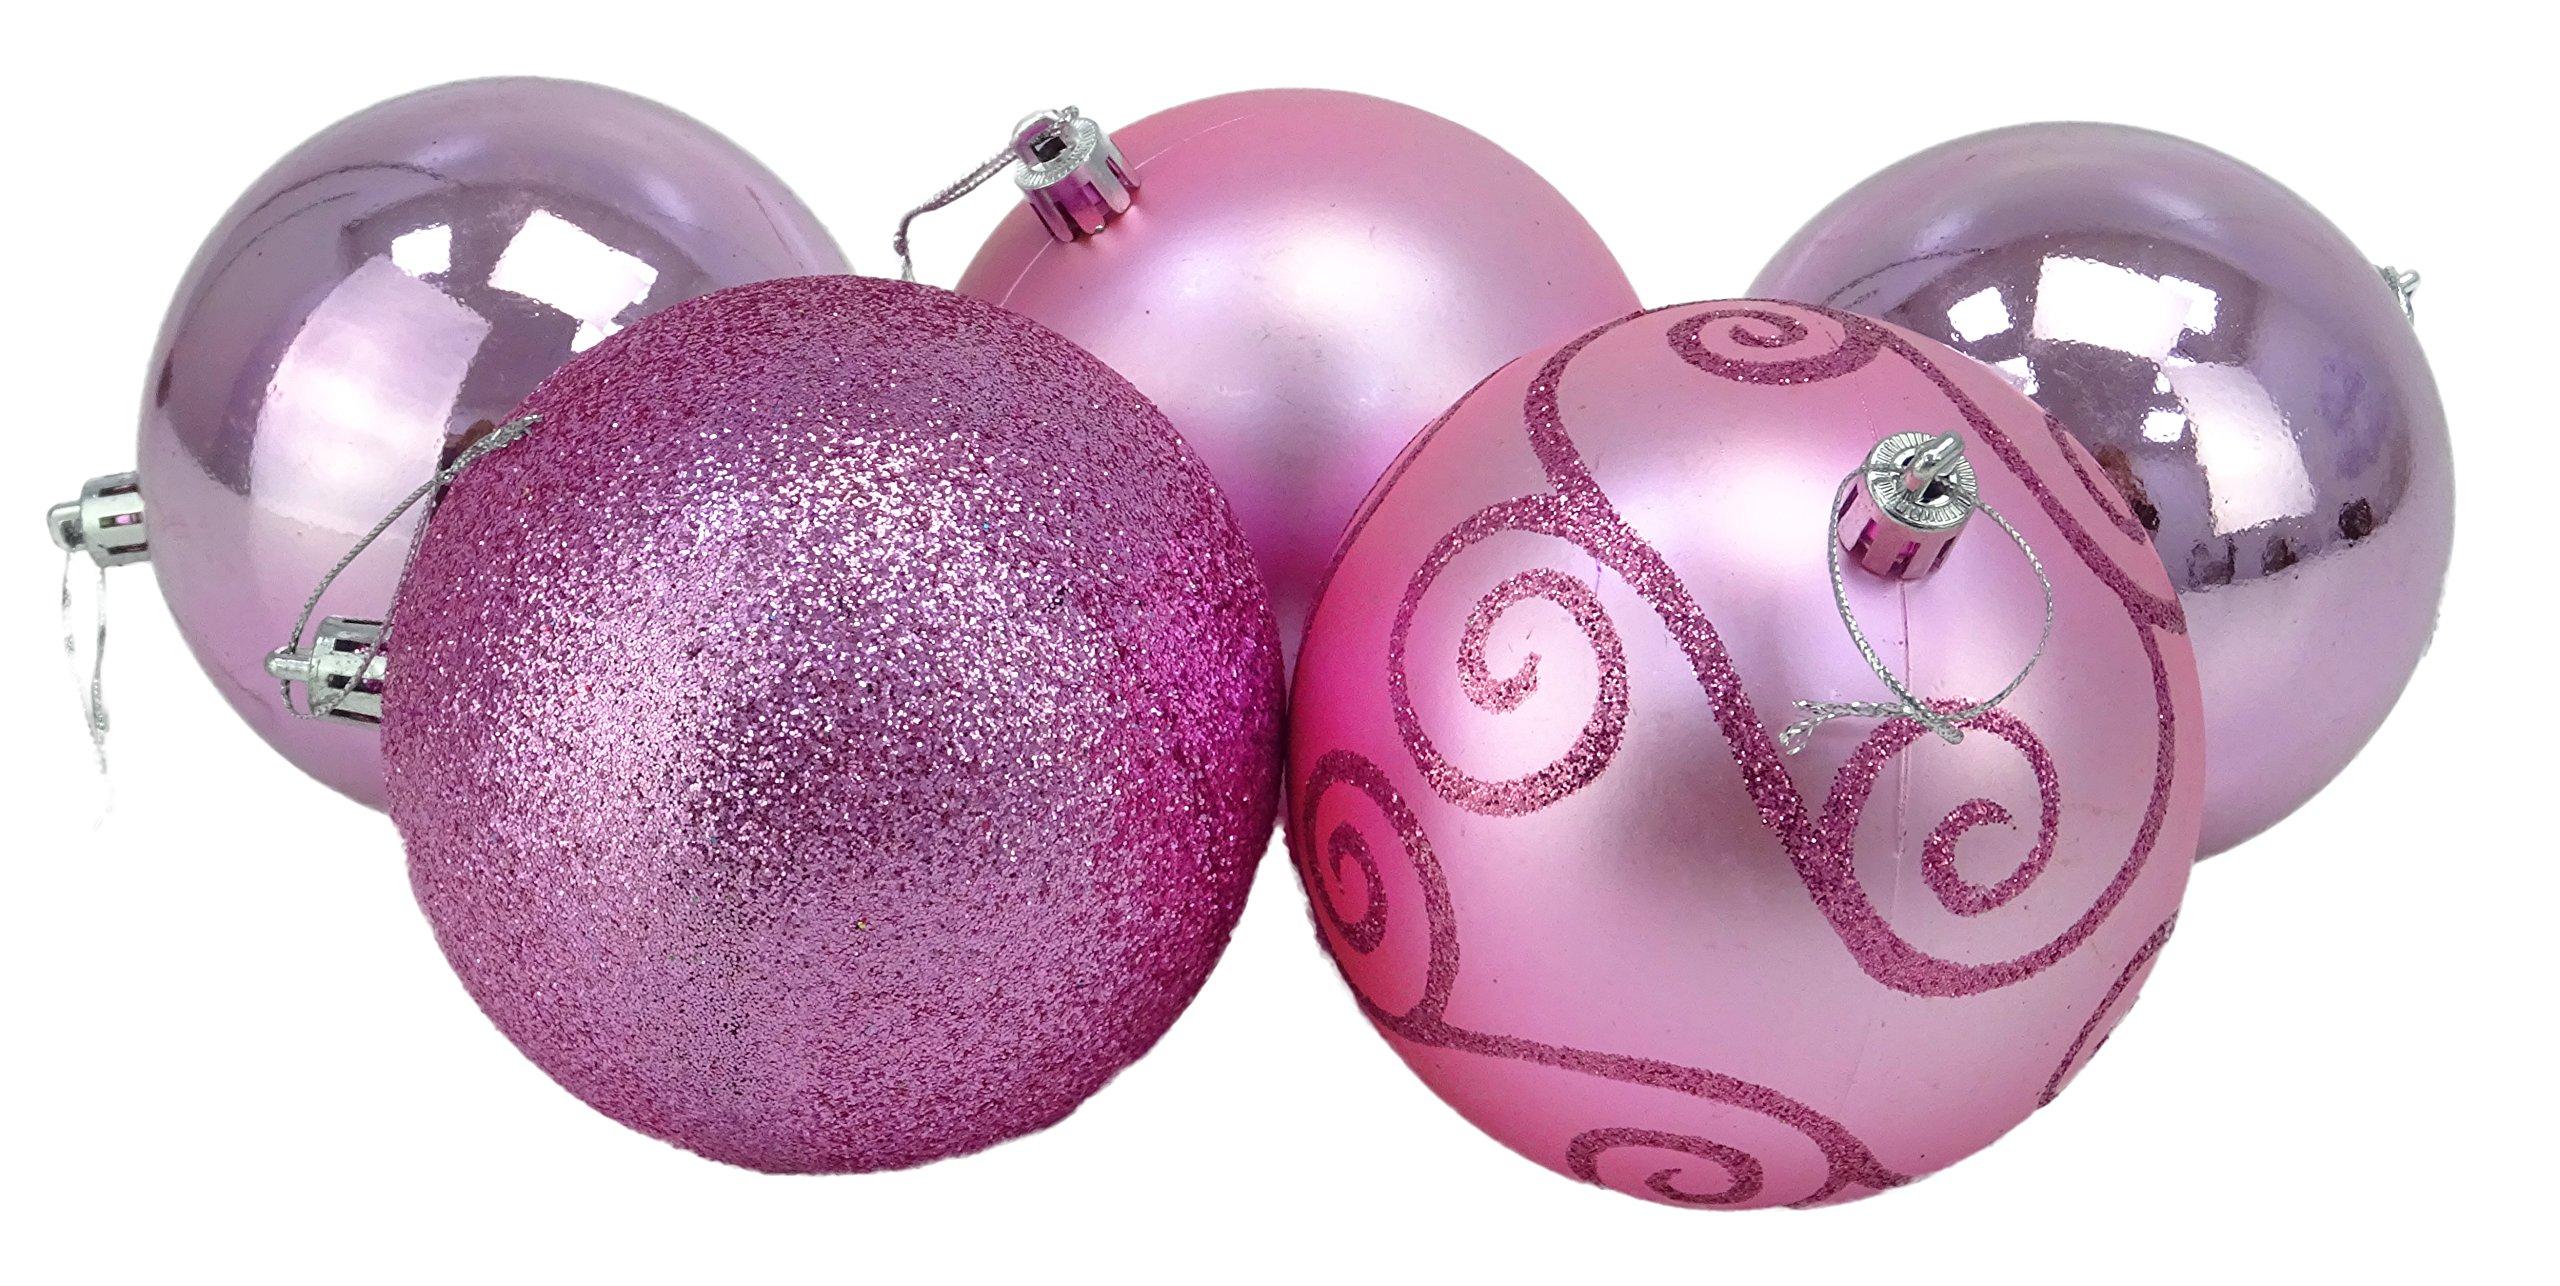 Christmas-Concepts-5-100mm-groe-Kugeln-glnzendes-Mattes-und-Glitzer-Design-Weihnachtsschmuck